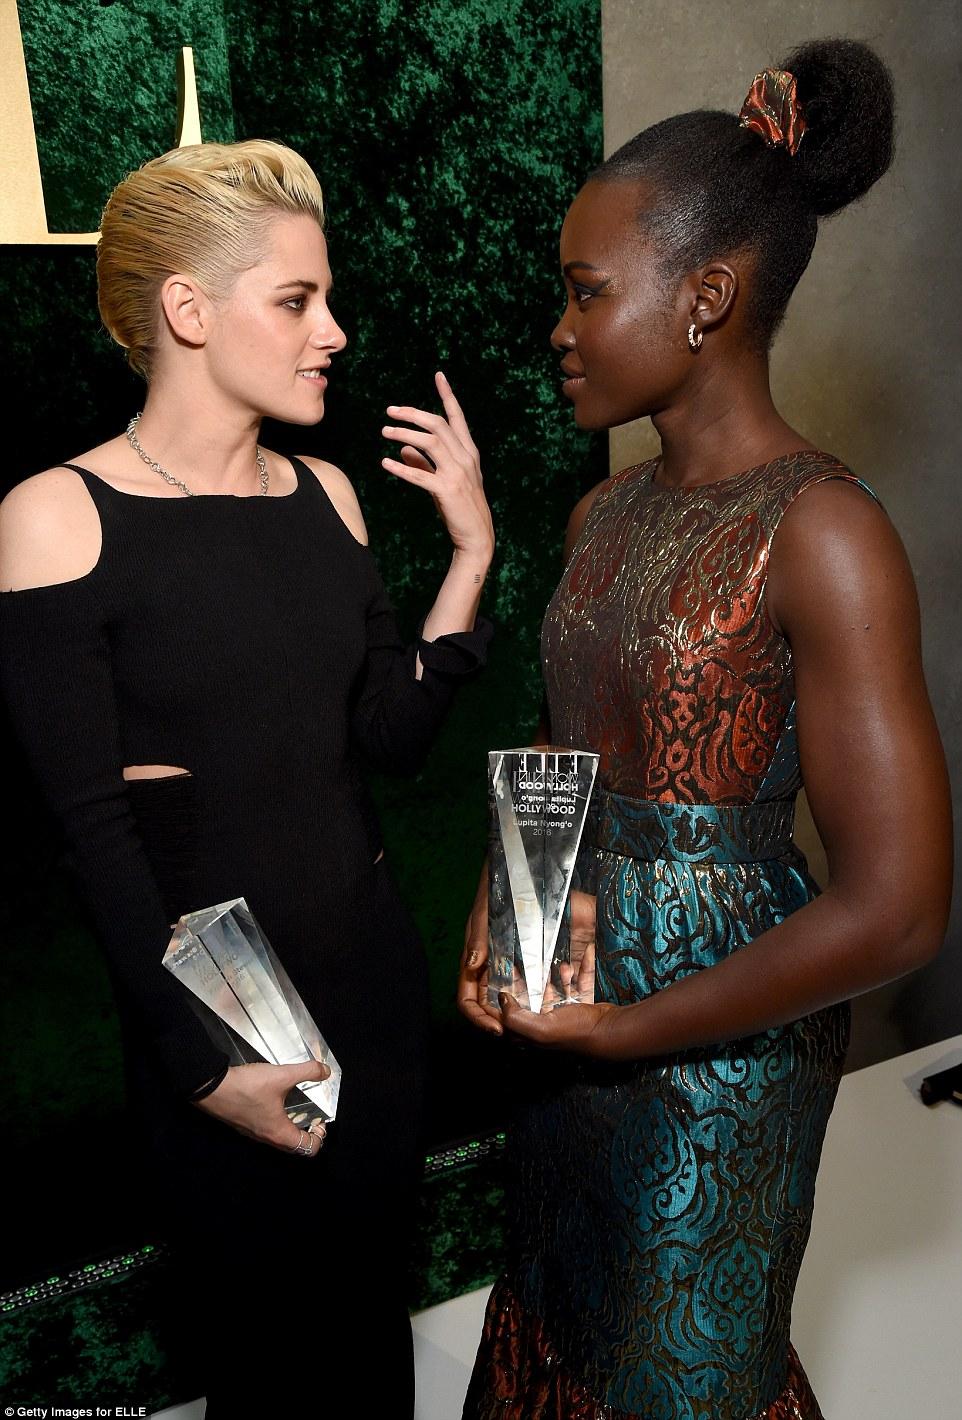 Ter uma conversa: Kristen e Lupita apanhados dentro da festa glamourosa